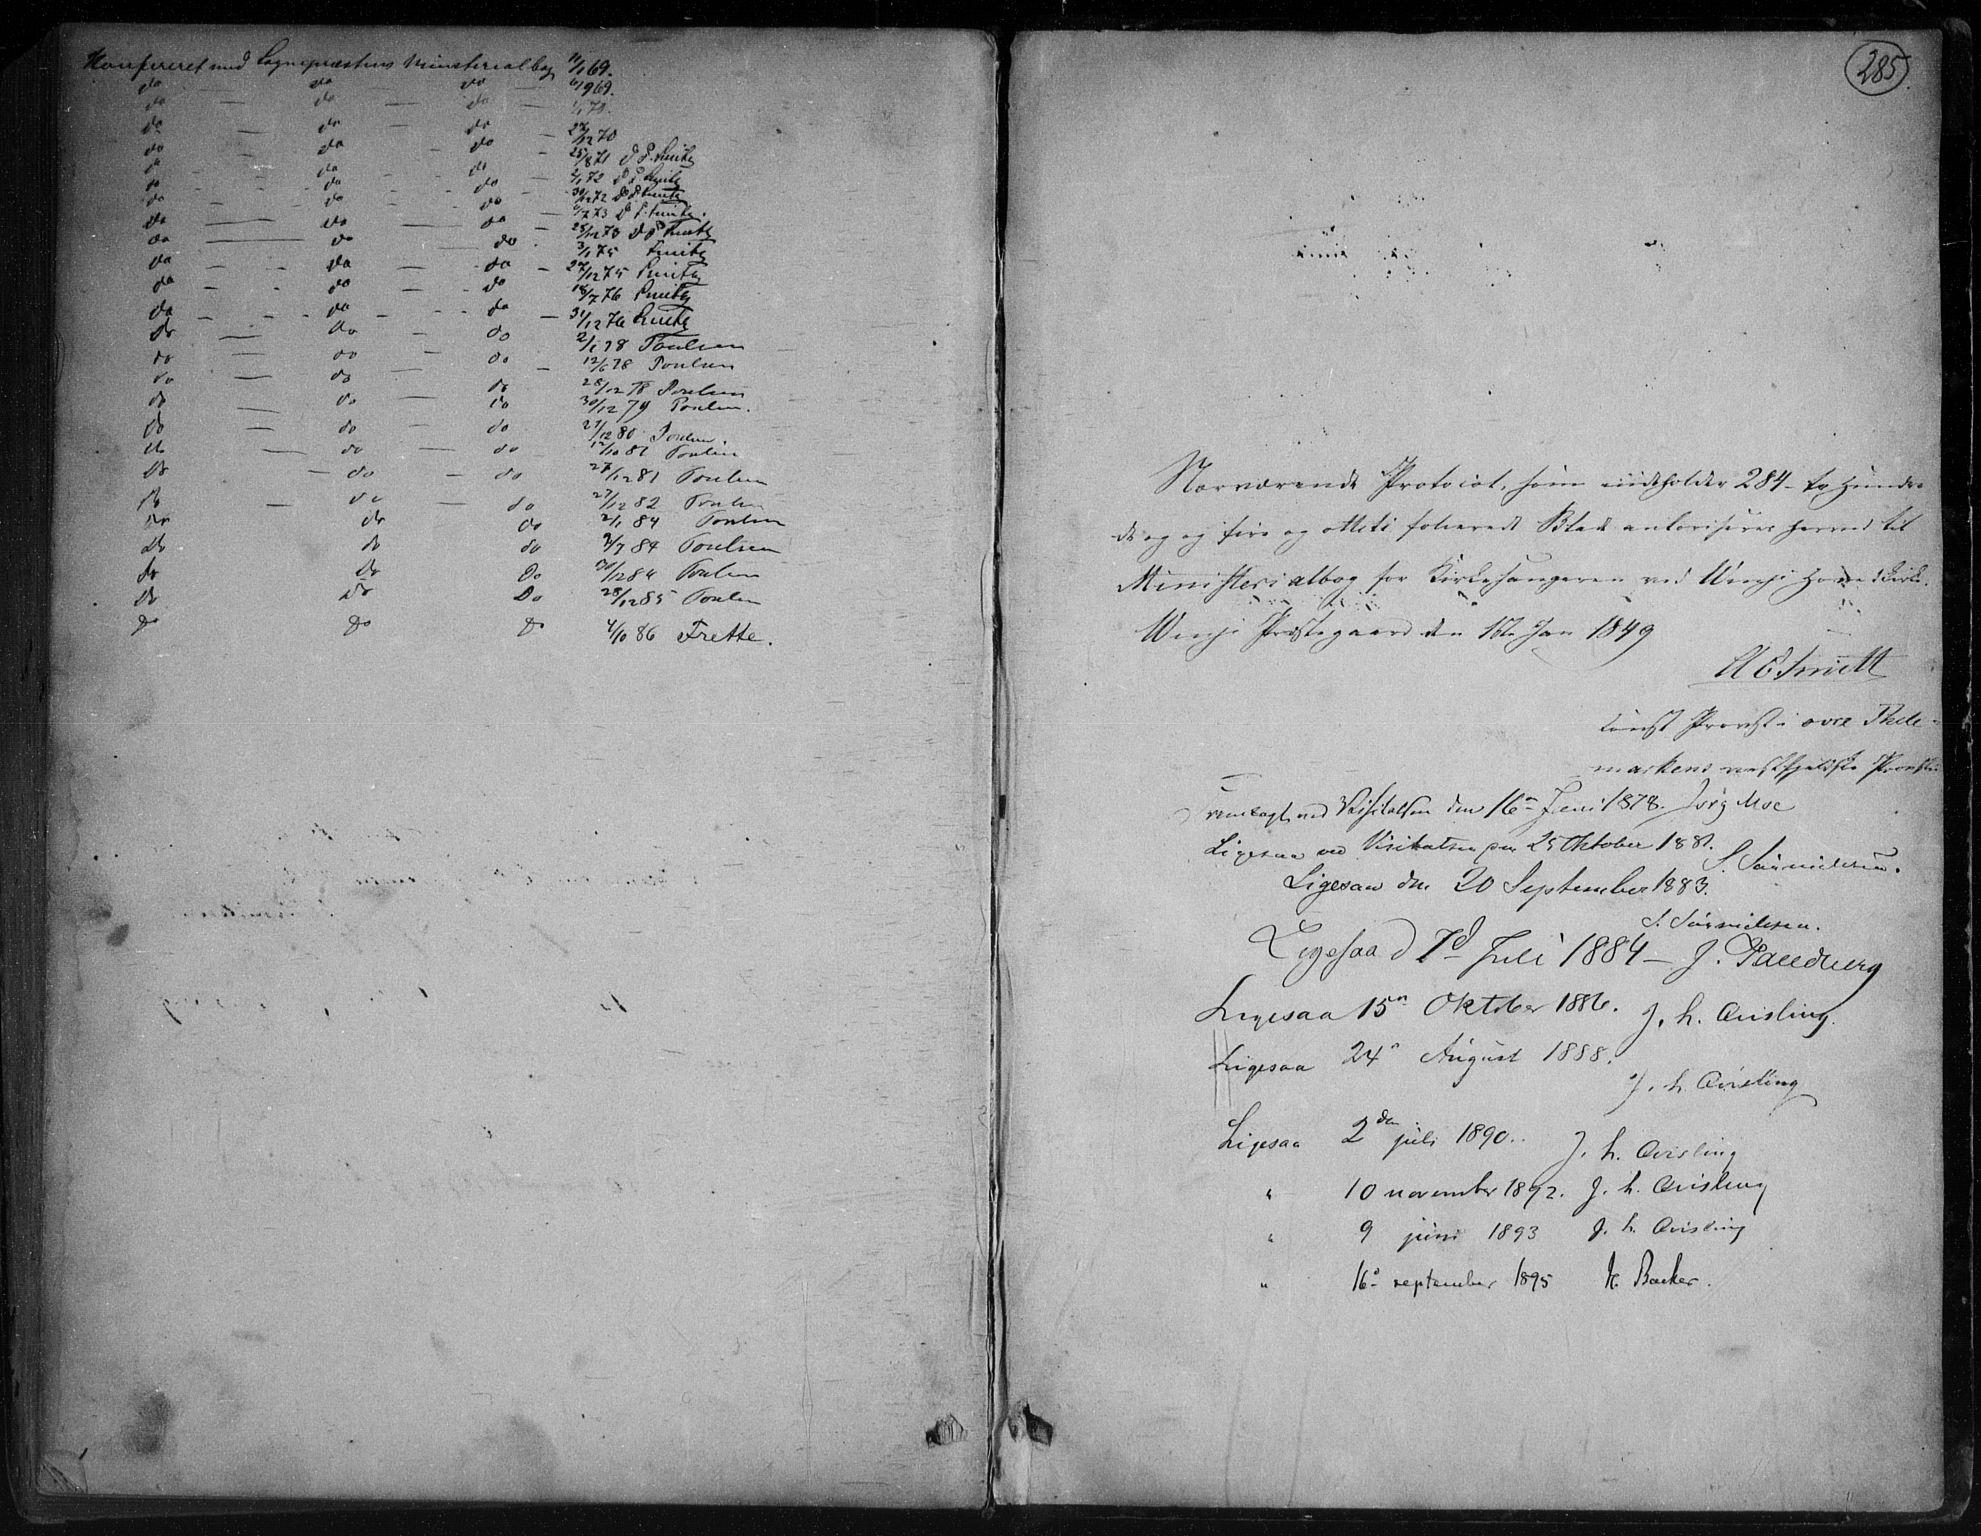 SAKO, Vinje kirkebøker, G/Ga/L0002: Klokkerbok nr. I 2, 1849-1893, s. 285